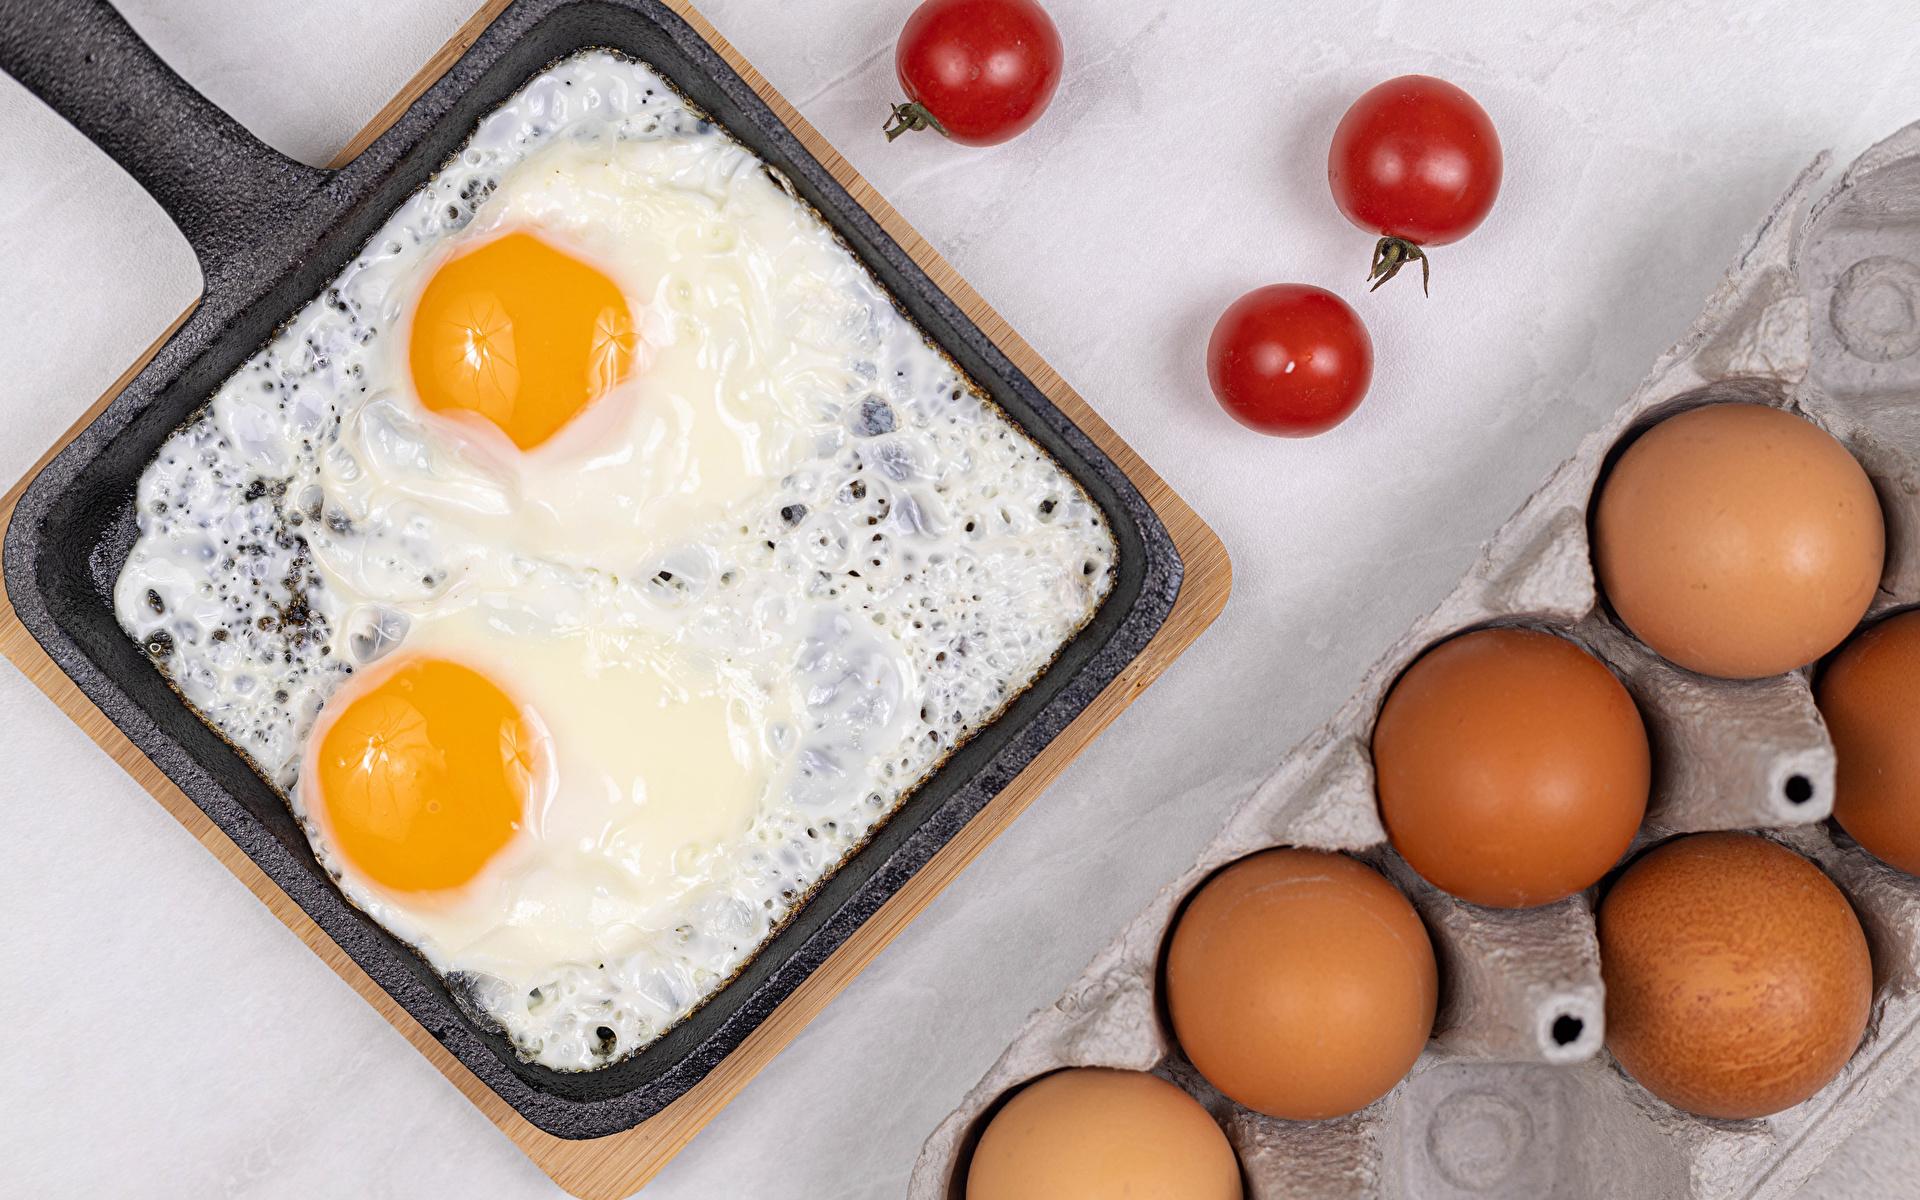 Фотография Яйца Яичница Помидоры сковорода Пища 1920x1200 яиц яйцо яйцами яичницы глазунья Томаты сковороде Сковородка Еда Продукты питания